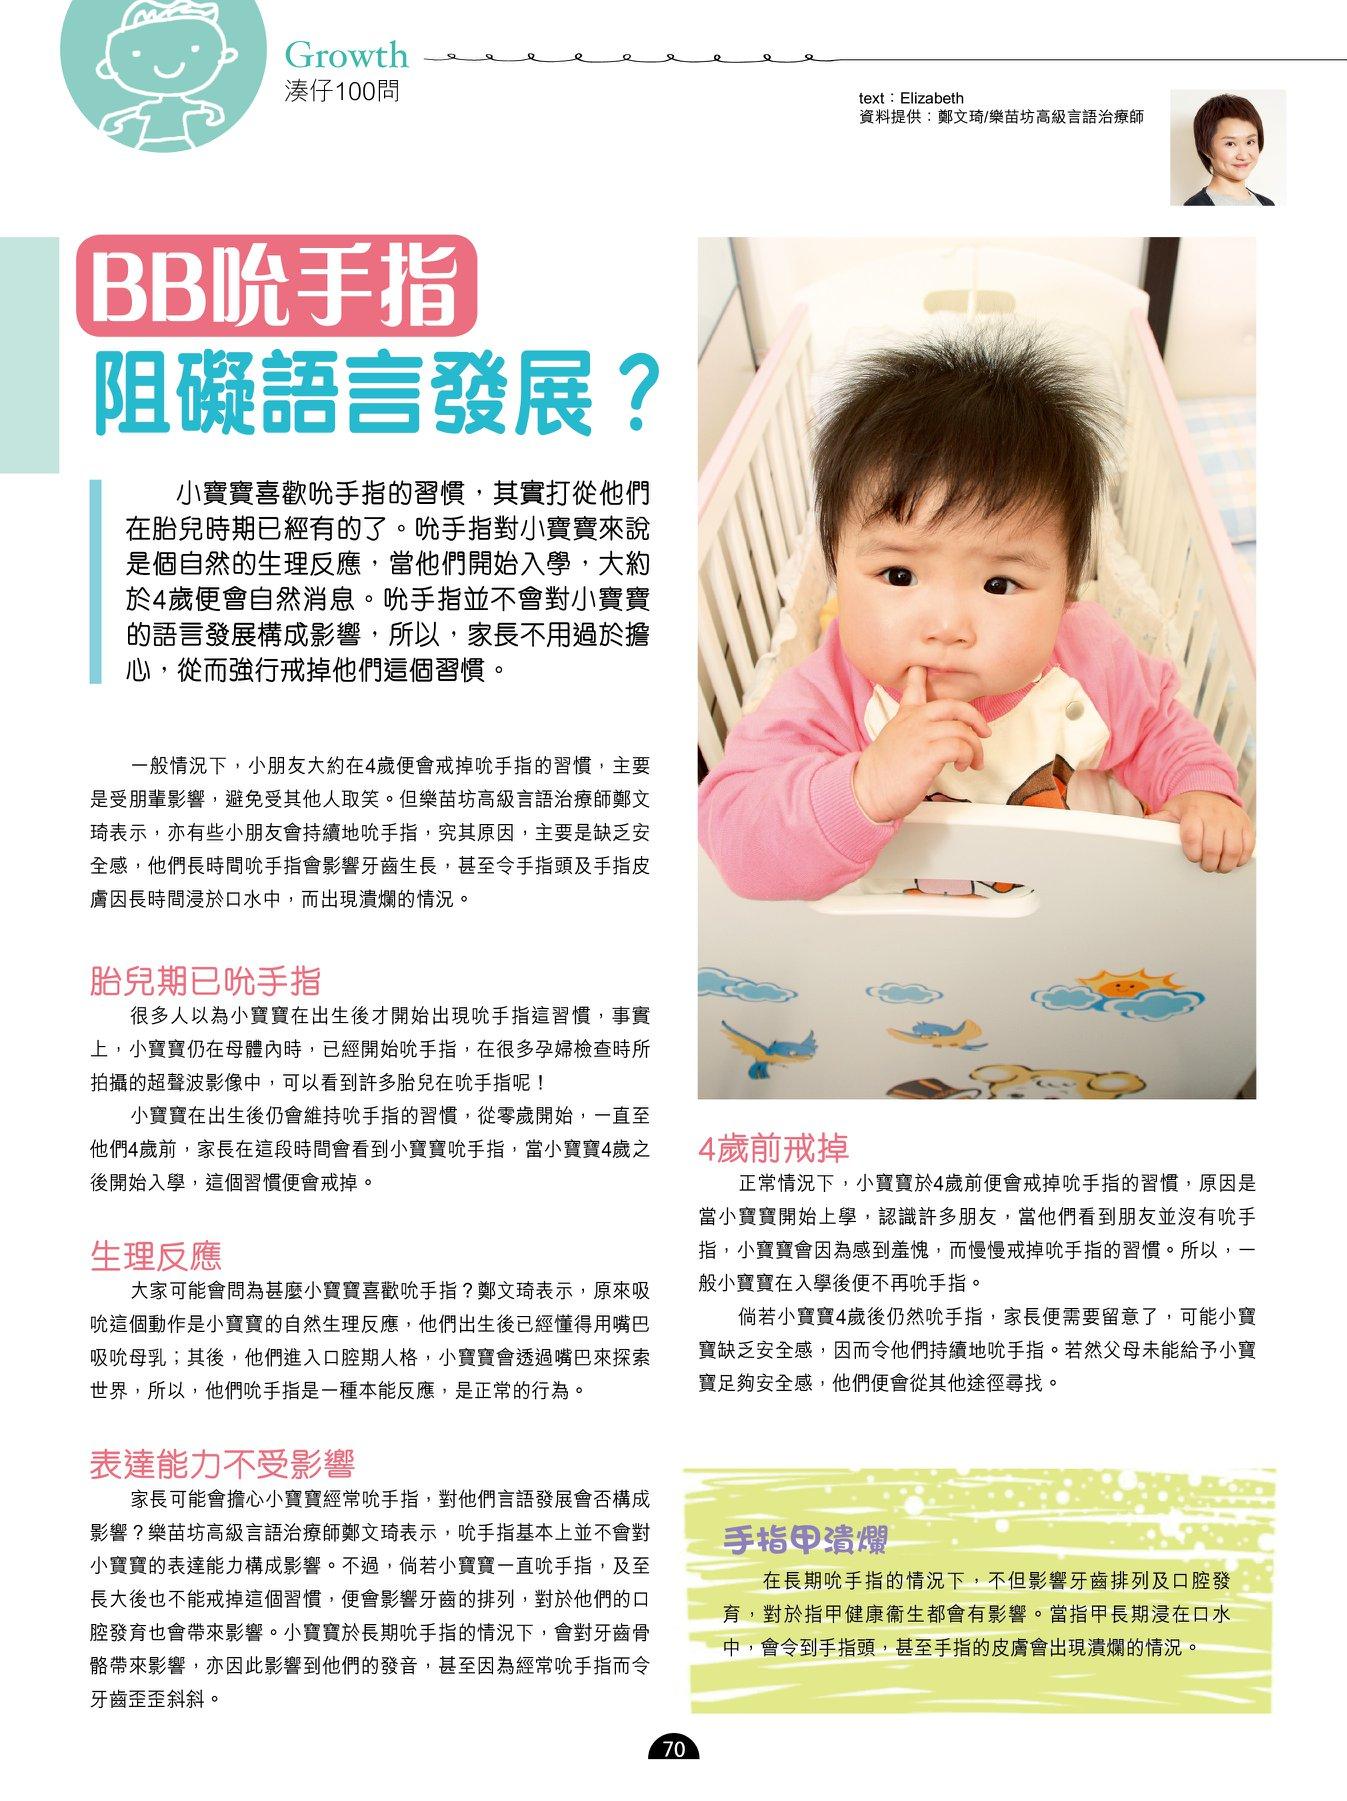 【《媽媽寶寶》訪問鄭文琦姑娘⭐️BB吮手指阻礙語言發展?】  小寶寶喜歡吮手指的習慣,其實打從他們在胎兒時期已經有的了。